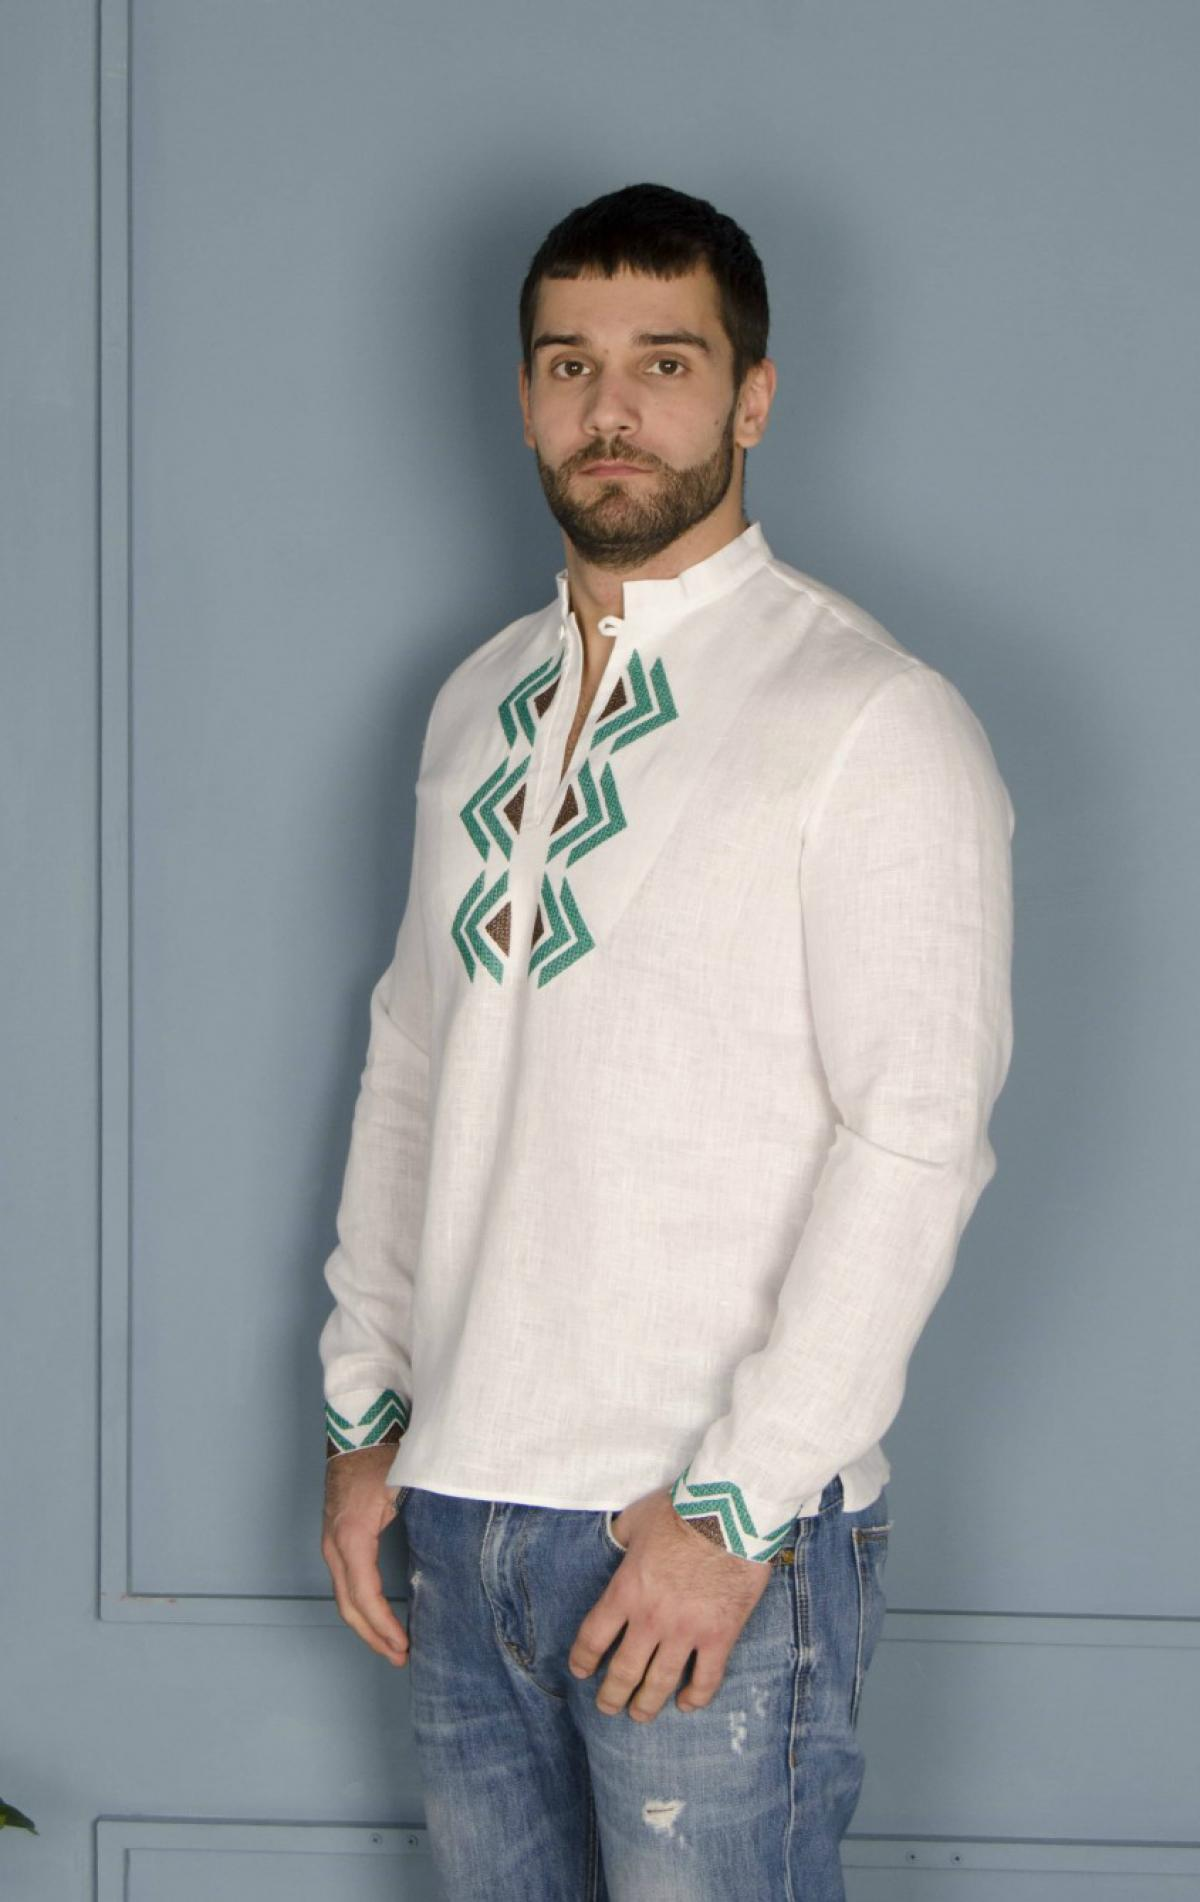 Біла чоловіча дизайнерська вишиванка з зеленим візерунком. Фото №1. | Народний дім Україна